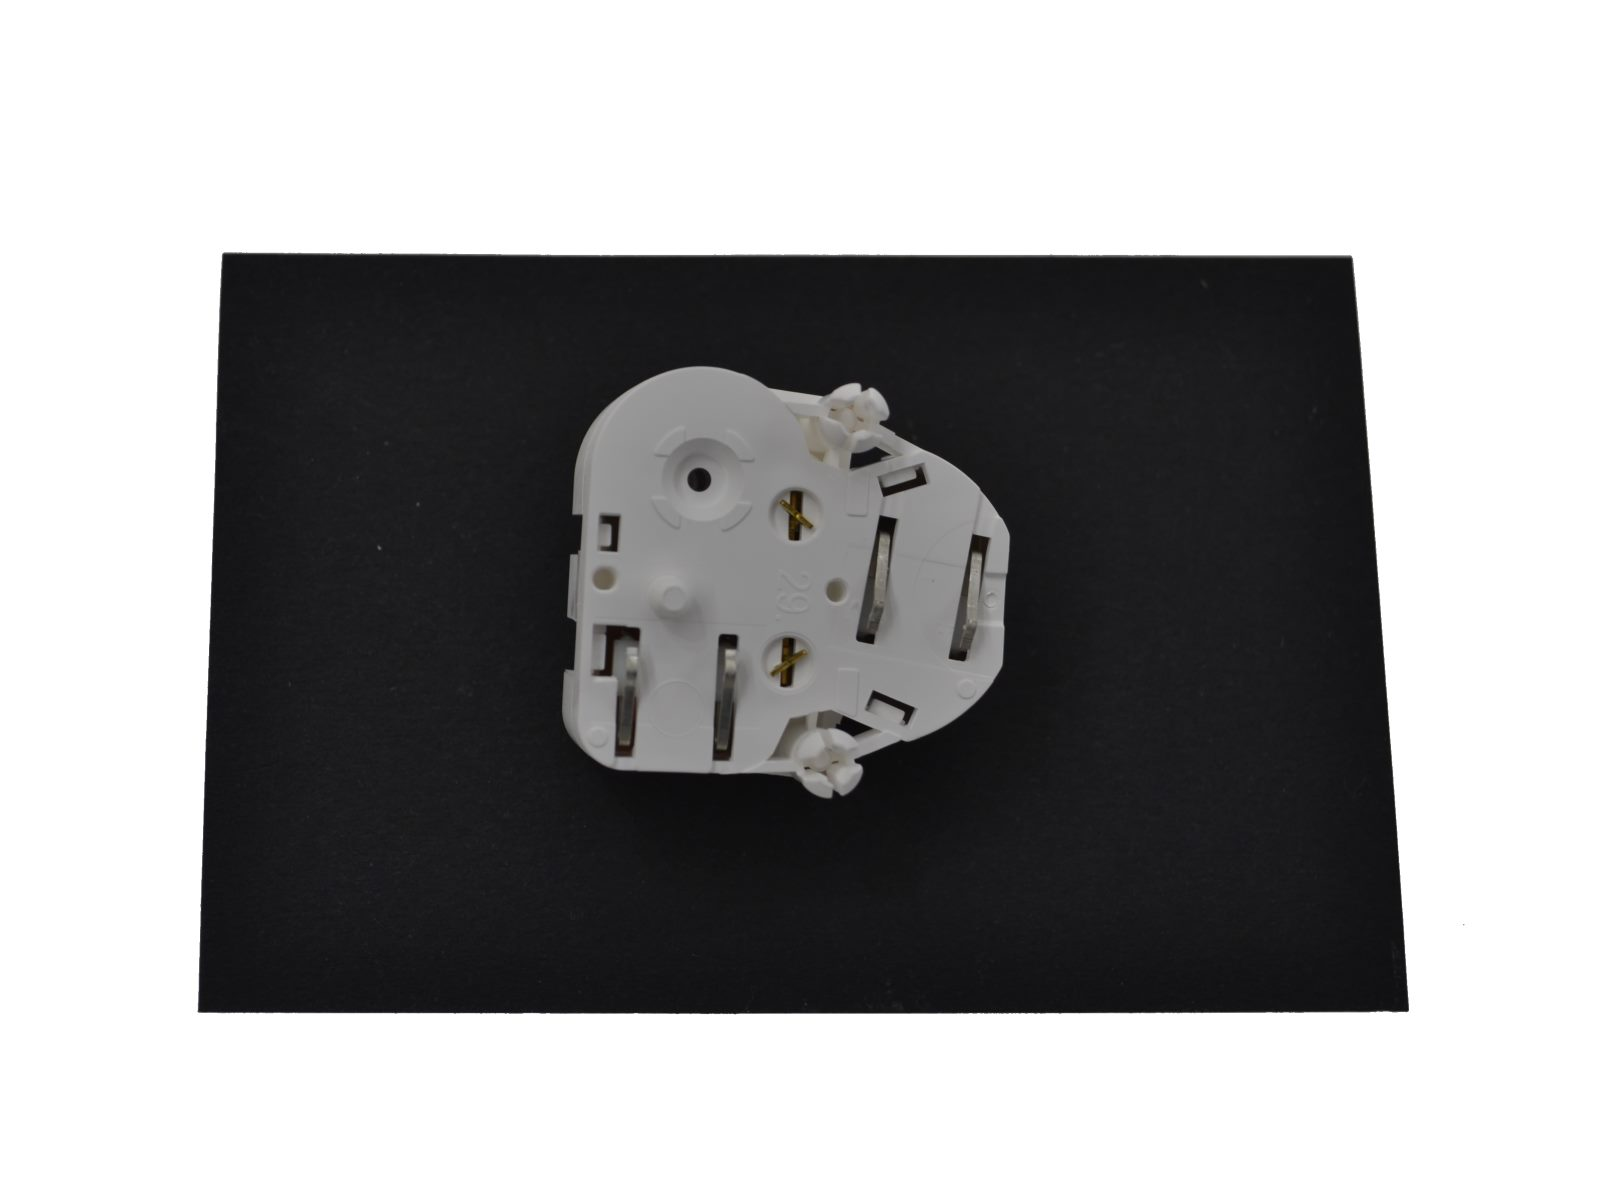 Schrittmotor für Kia Rio DC/JB Kombiinstrument bei defekten Zeigern